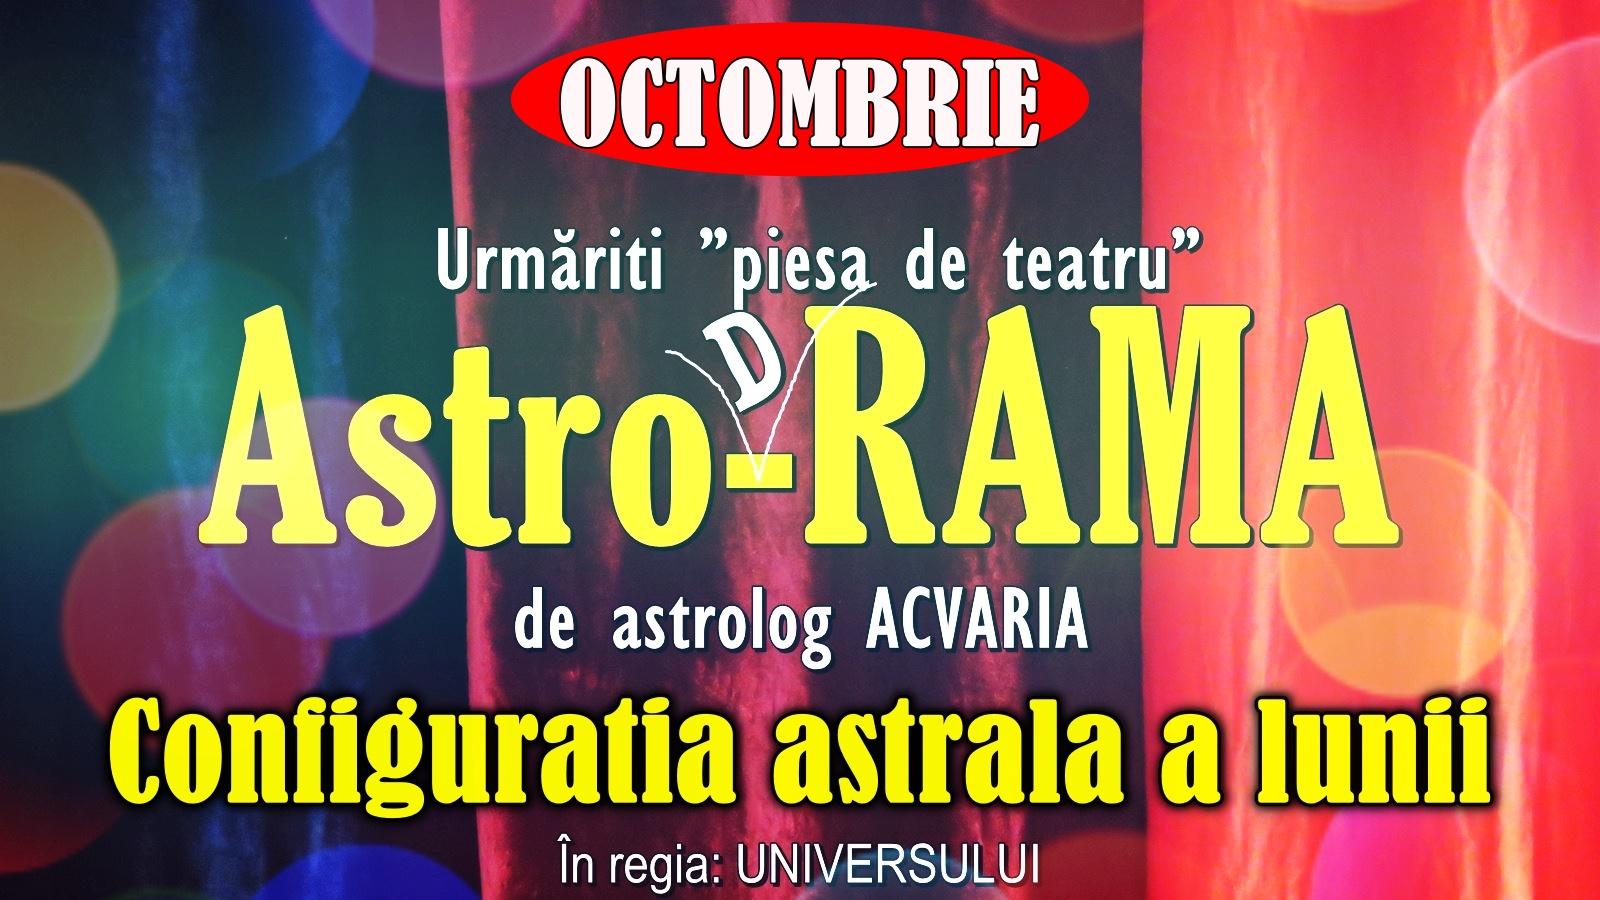 Configuratia astrala a lunii OCTOMBRIE 2020